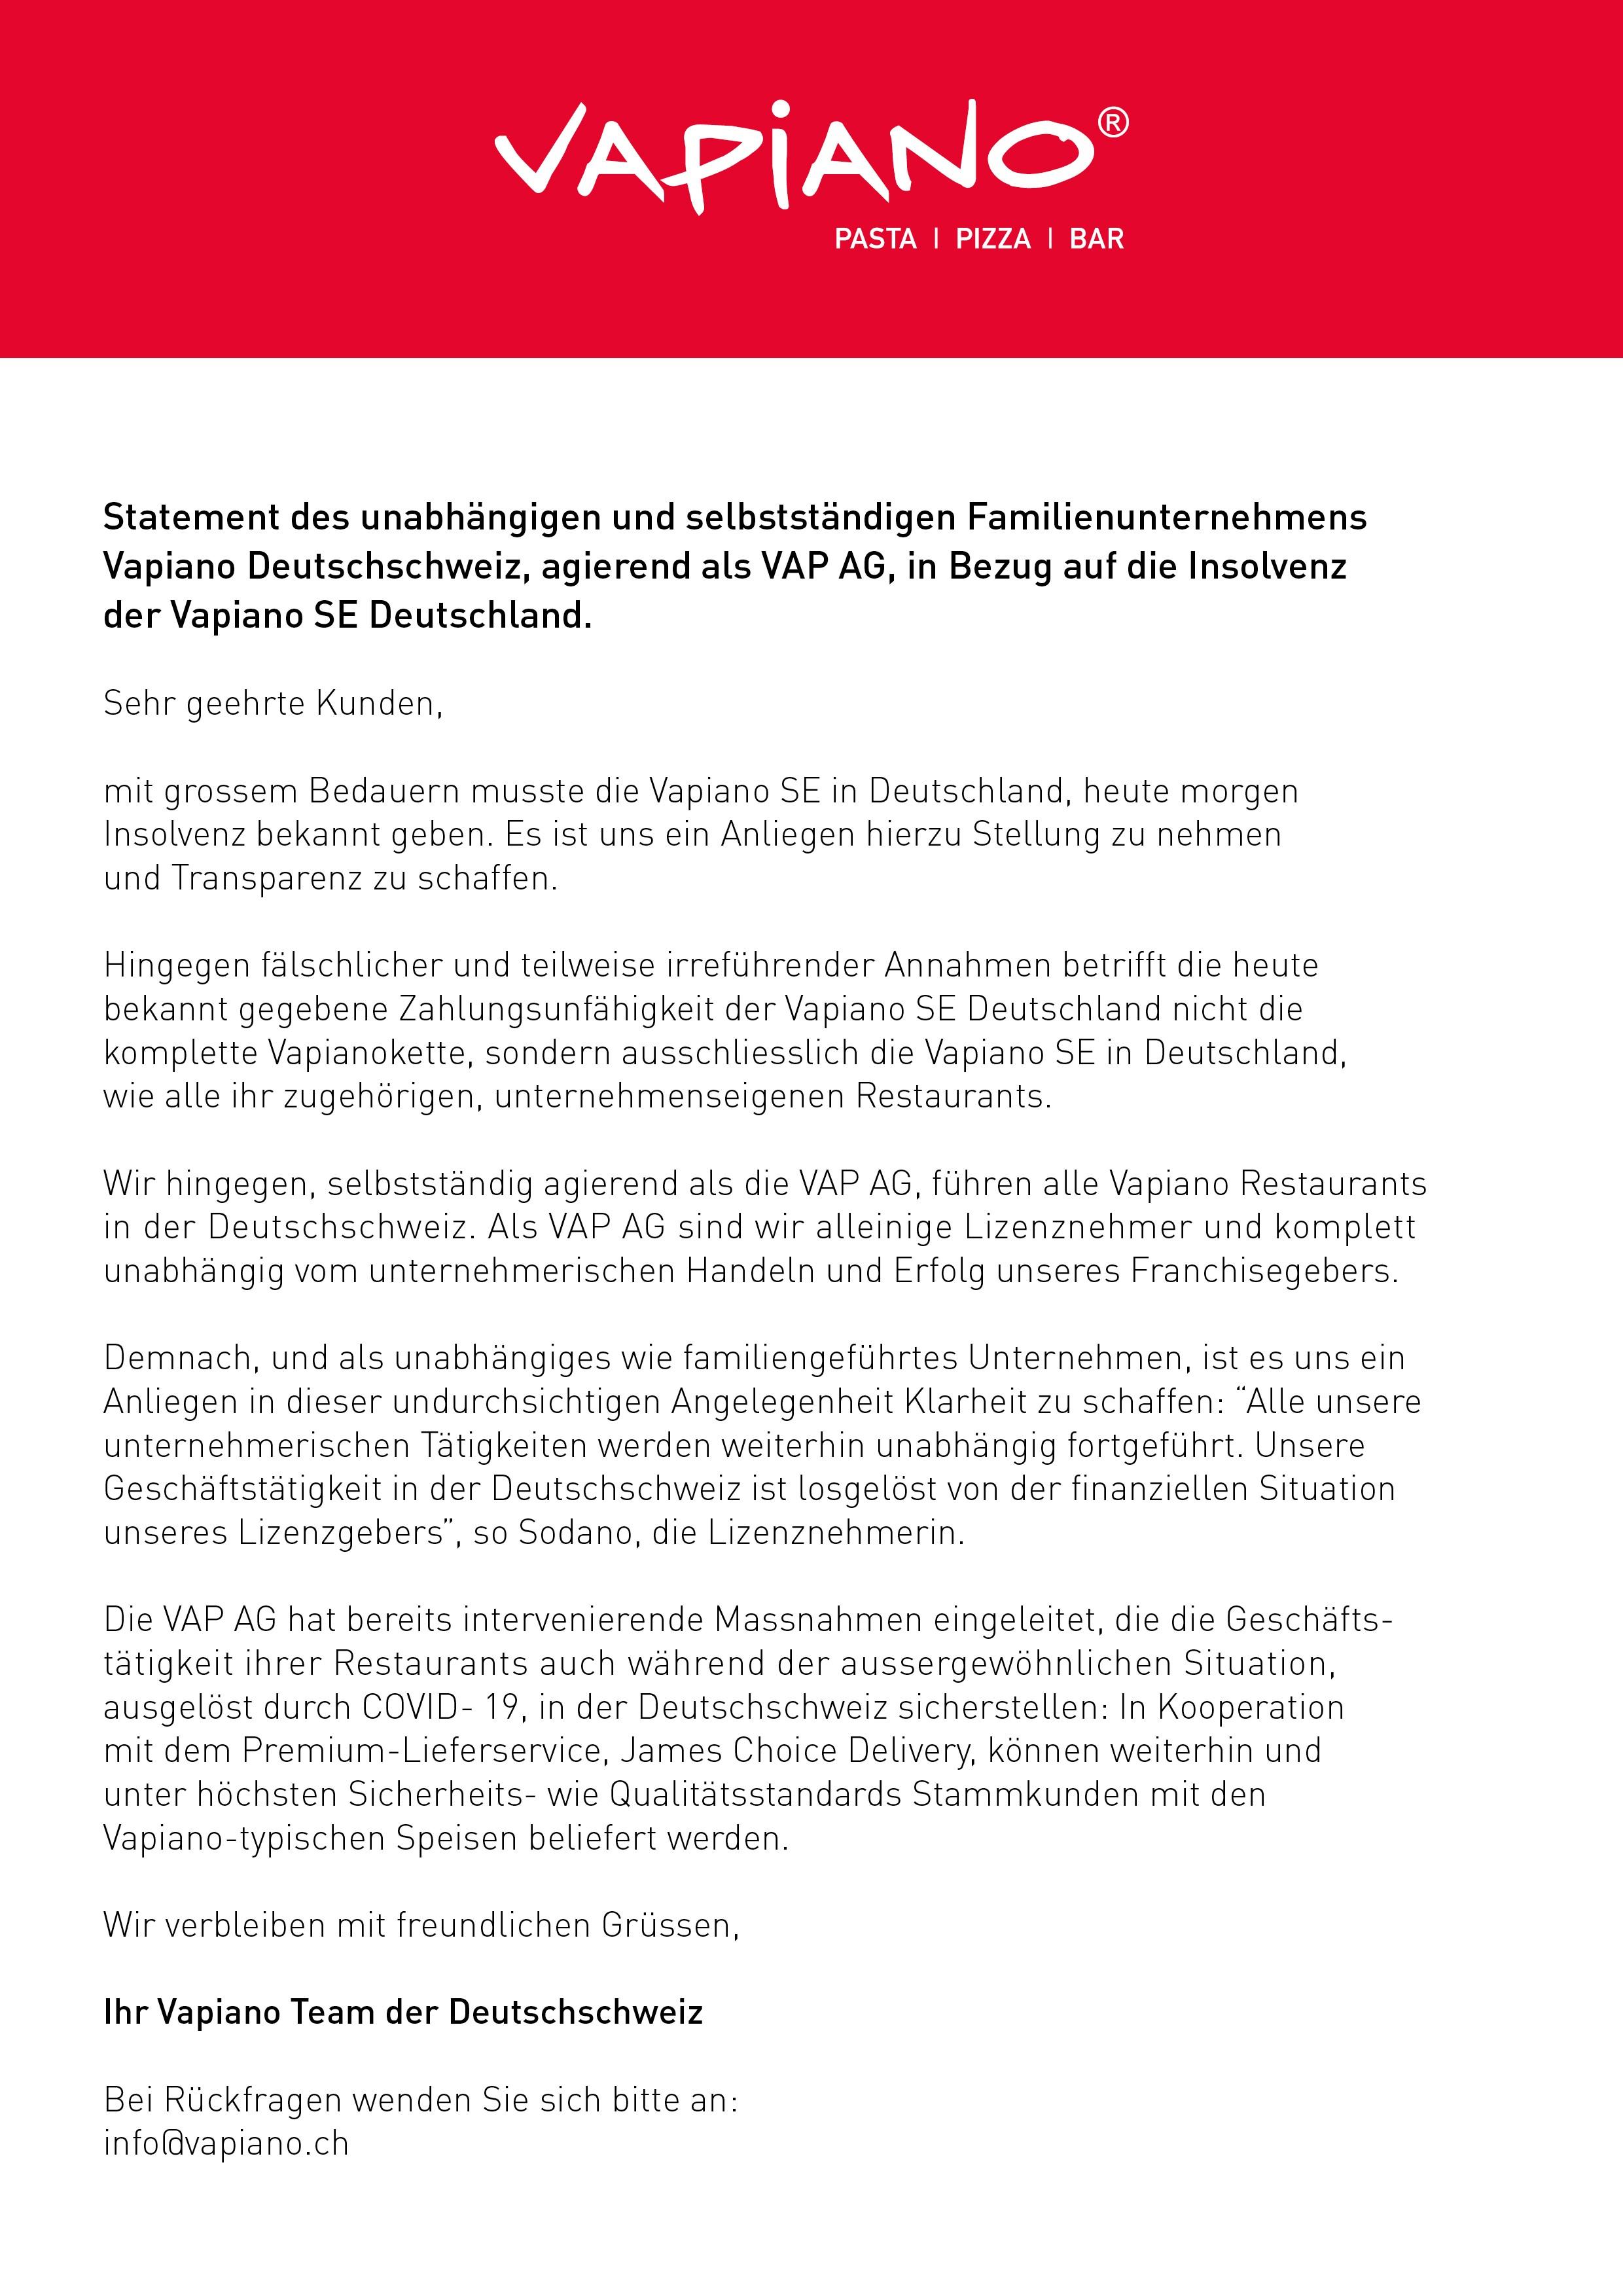 Statement zu Insolvenz Vapiano SE Deutschland